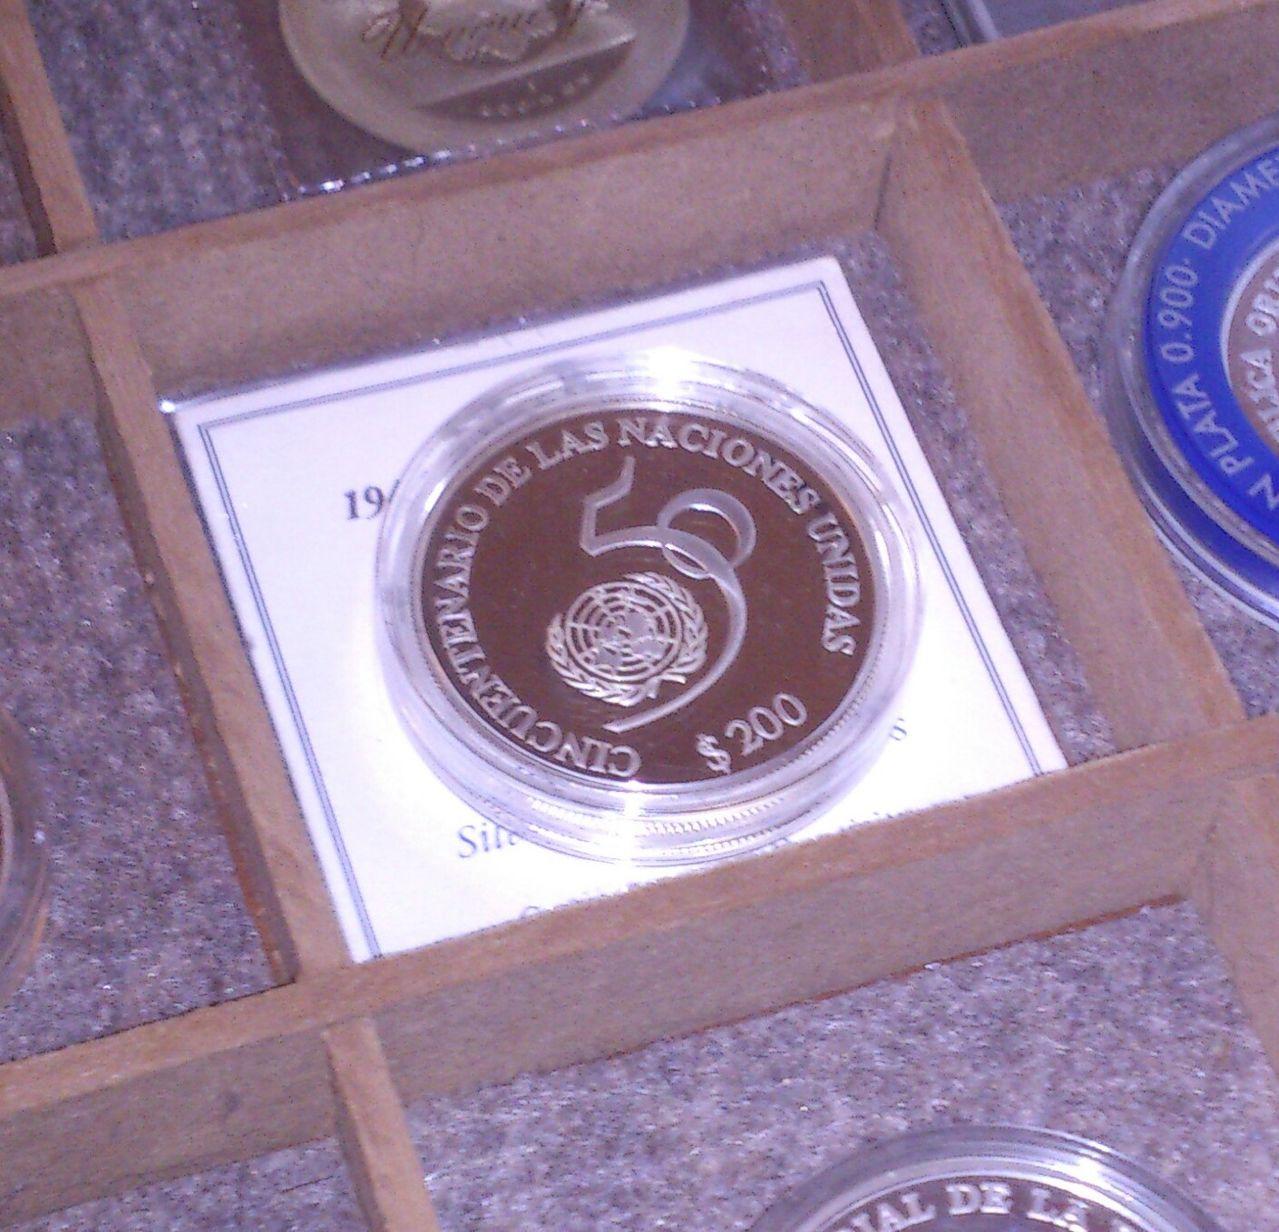 Monedas conmemorativas de Uruguay acuñadas en plata 1961 - Presente. IMG_20150905_WA0008_1